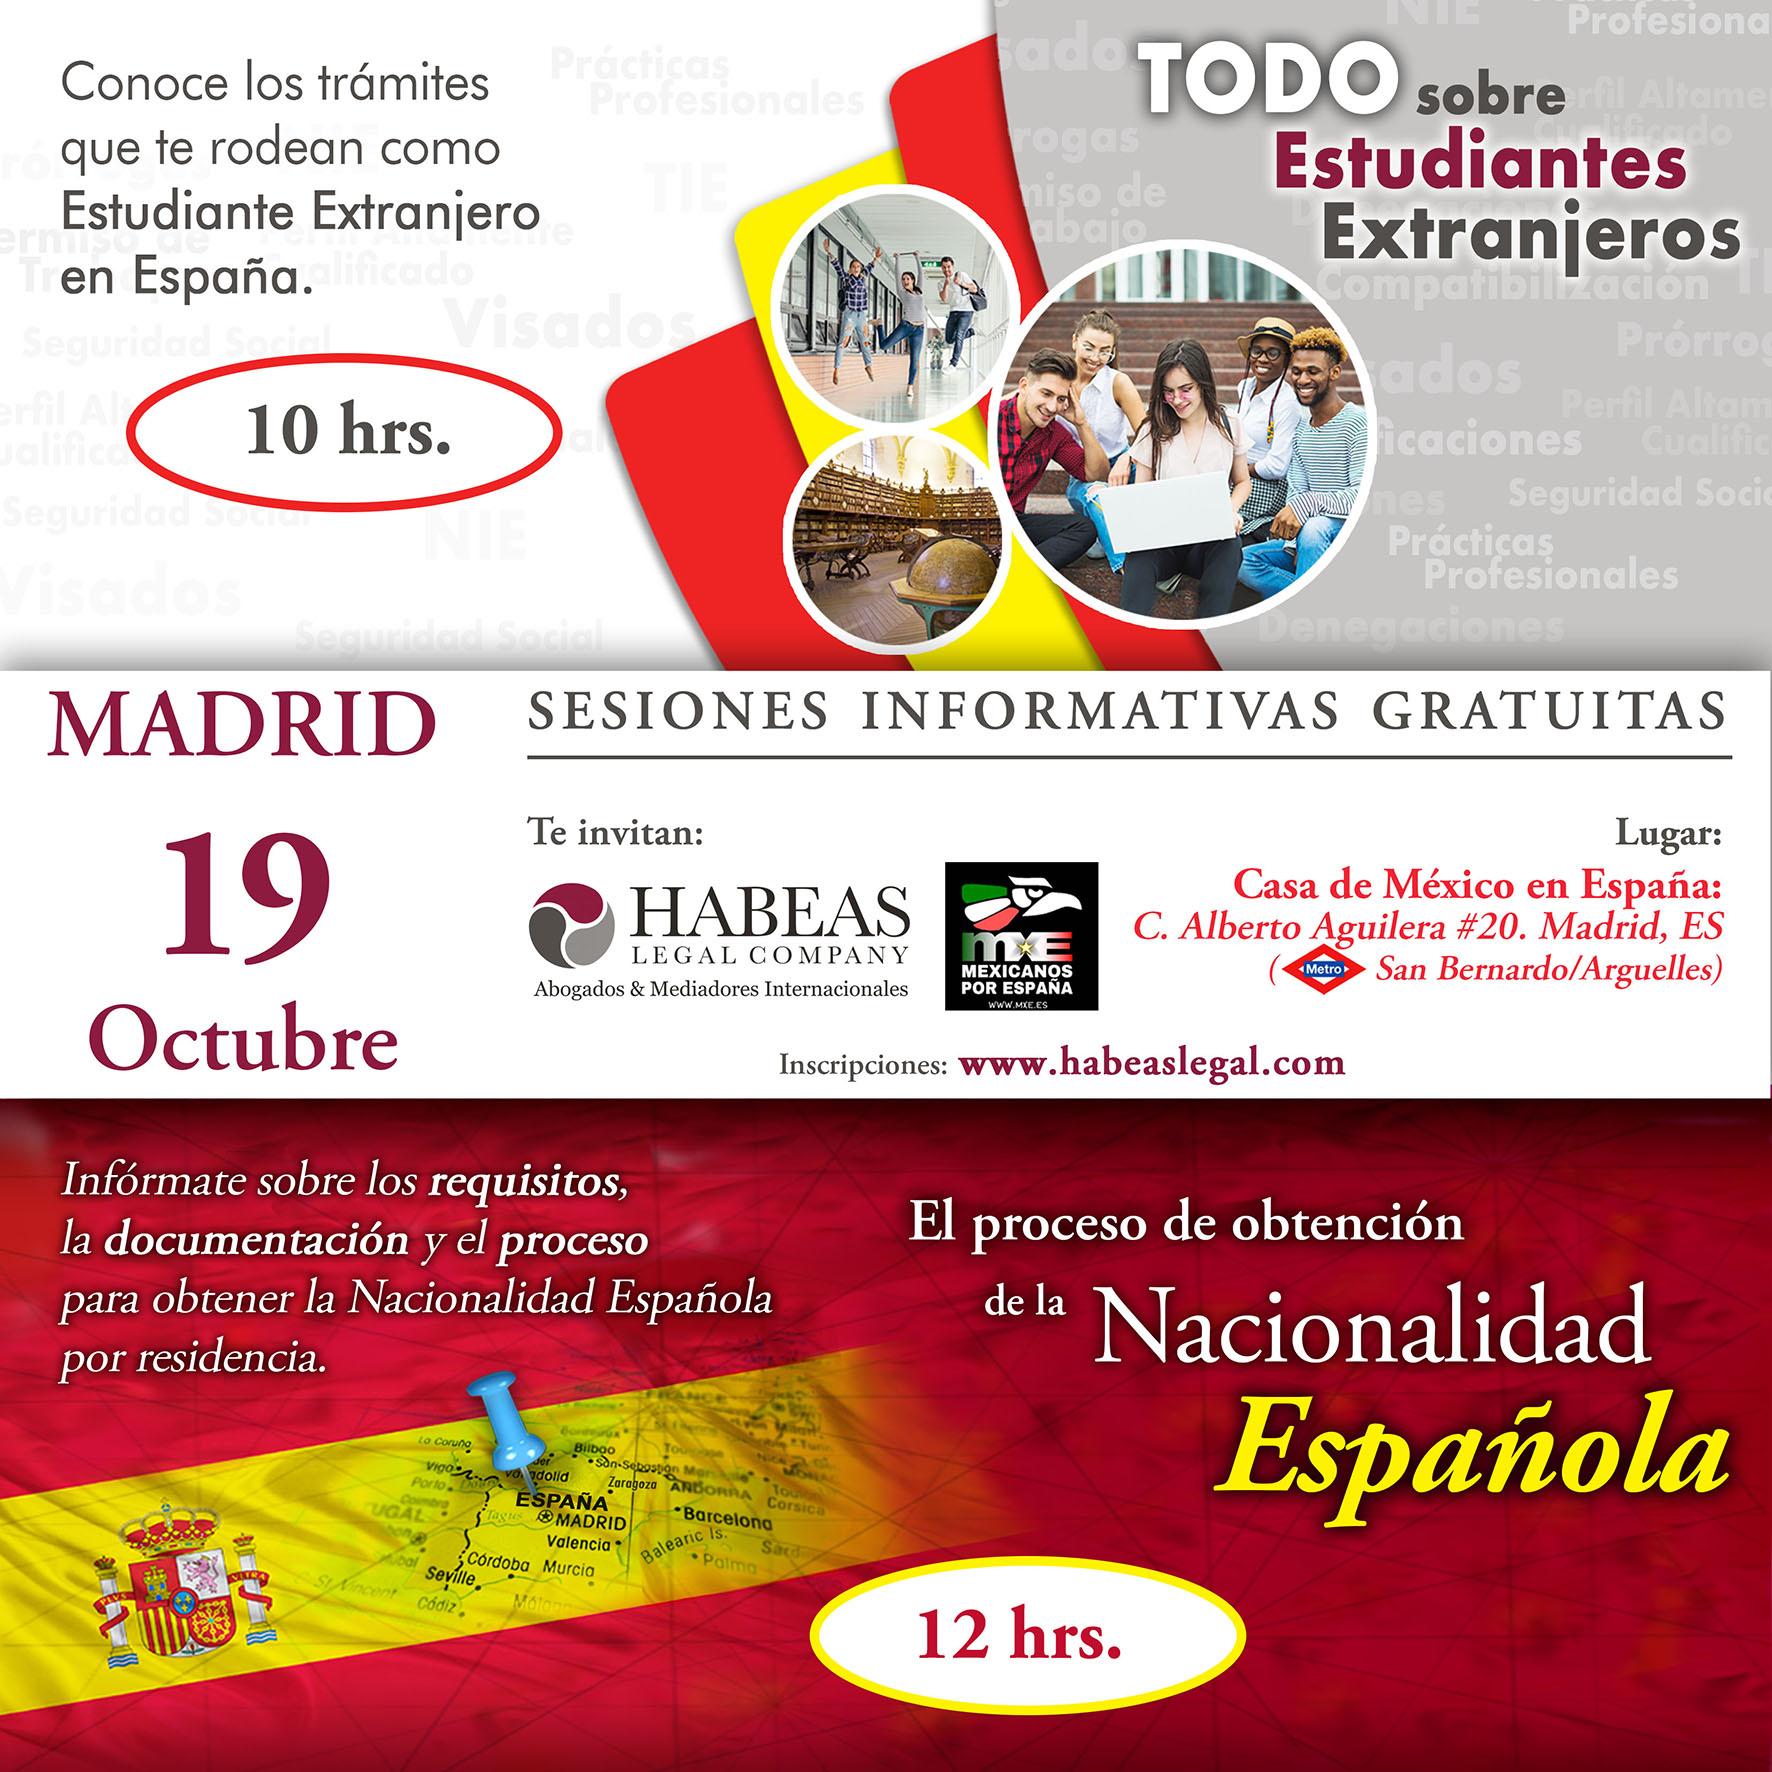 sesion Madrid Estudiantes y Nacionalidad calendar Oct 2019 - Atención MADRID: sesiones informativas gratuitas -sobre Estudiantes Extranjeros y Nacionalidad-